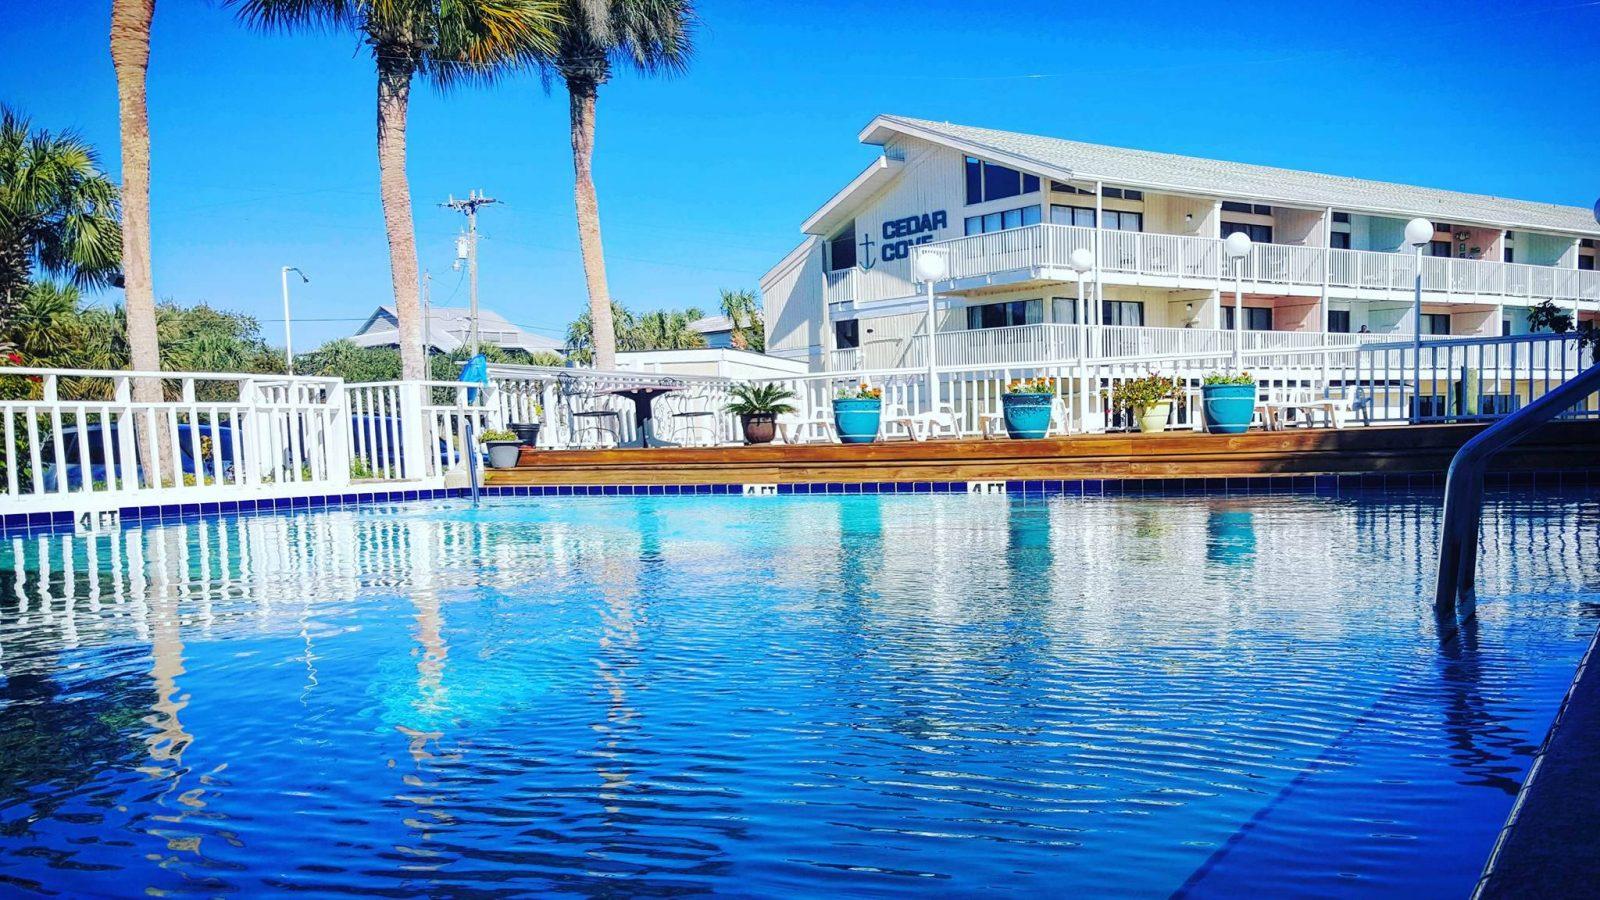 Cedar Cove Hotel